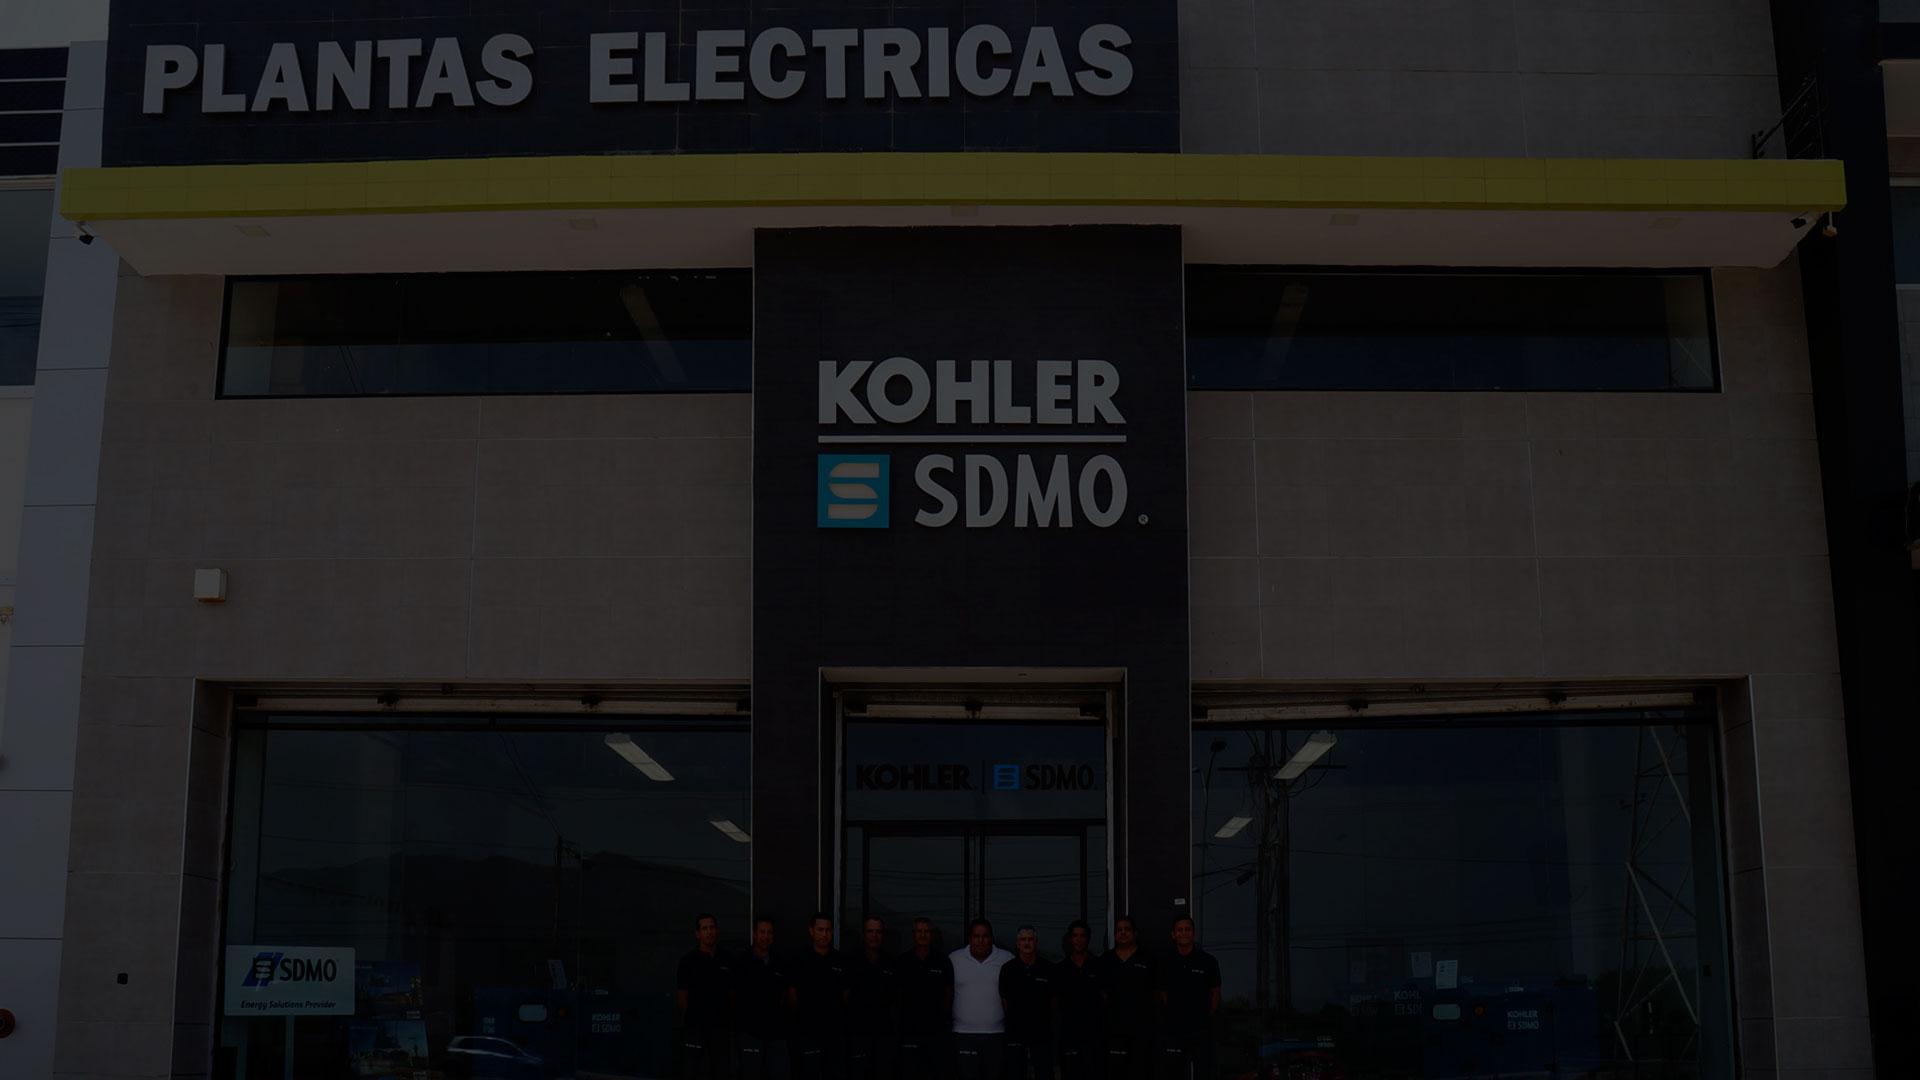 INSTALACIÓN Y SERVICIO DE PLANTAS ELÉCTRICAS